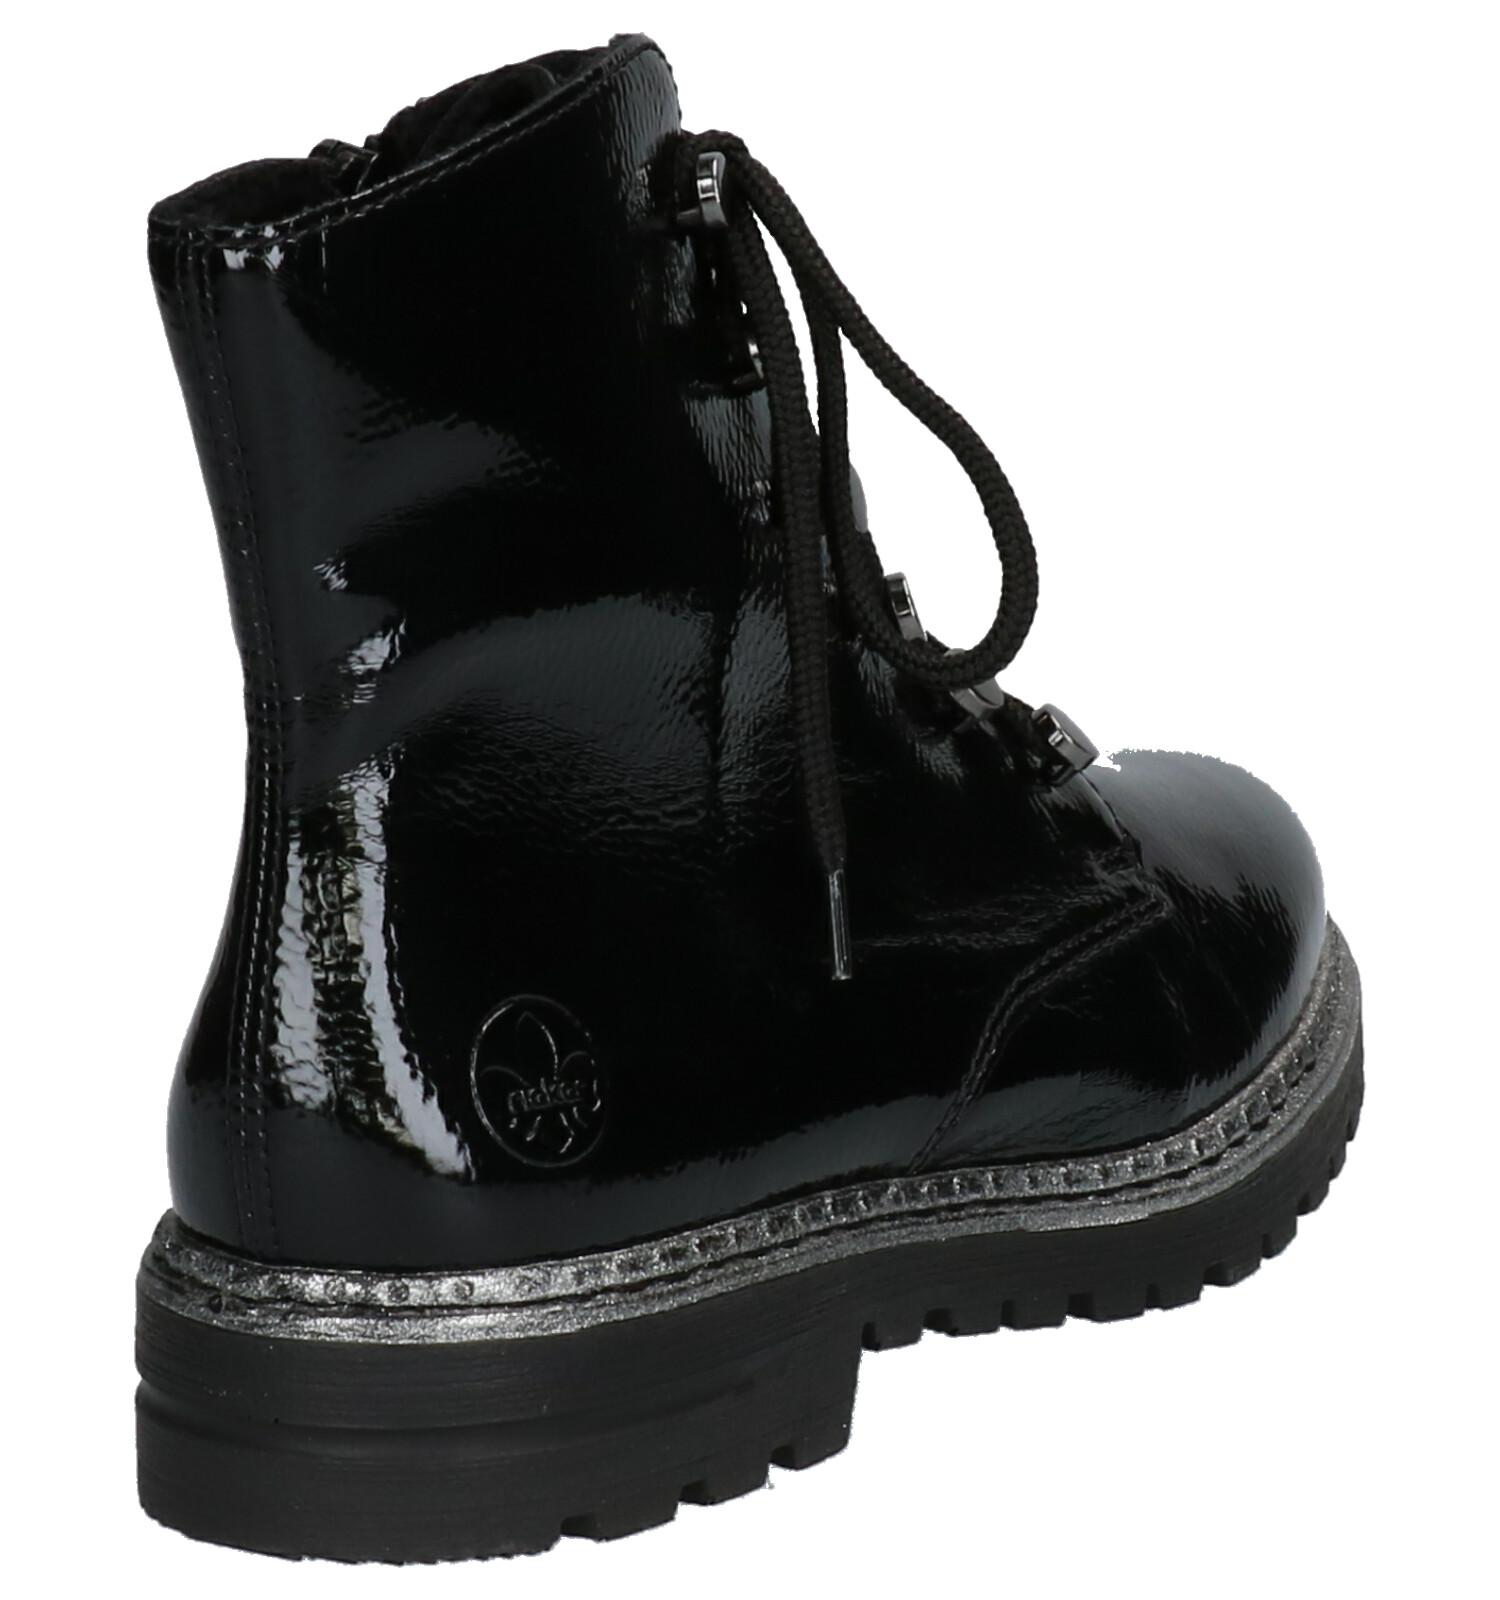 Rieker Zwarte Boots | SCHOENENTORFS.NL | Gratis verzend en